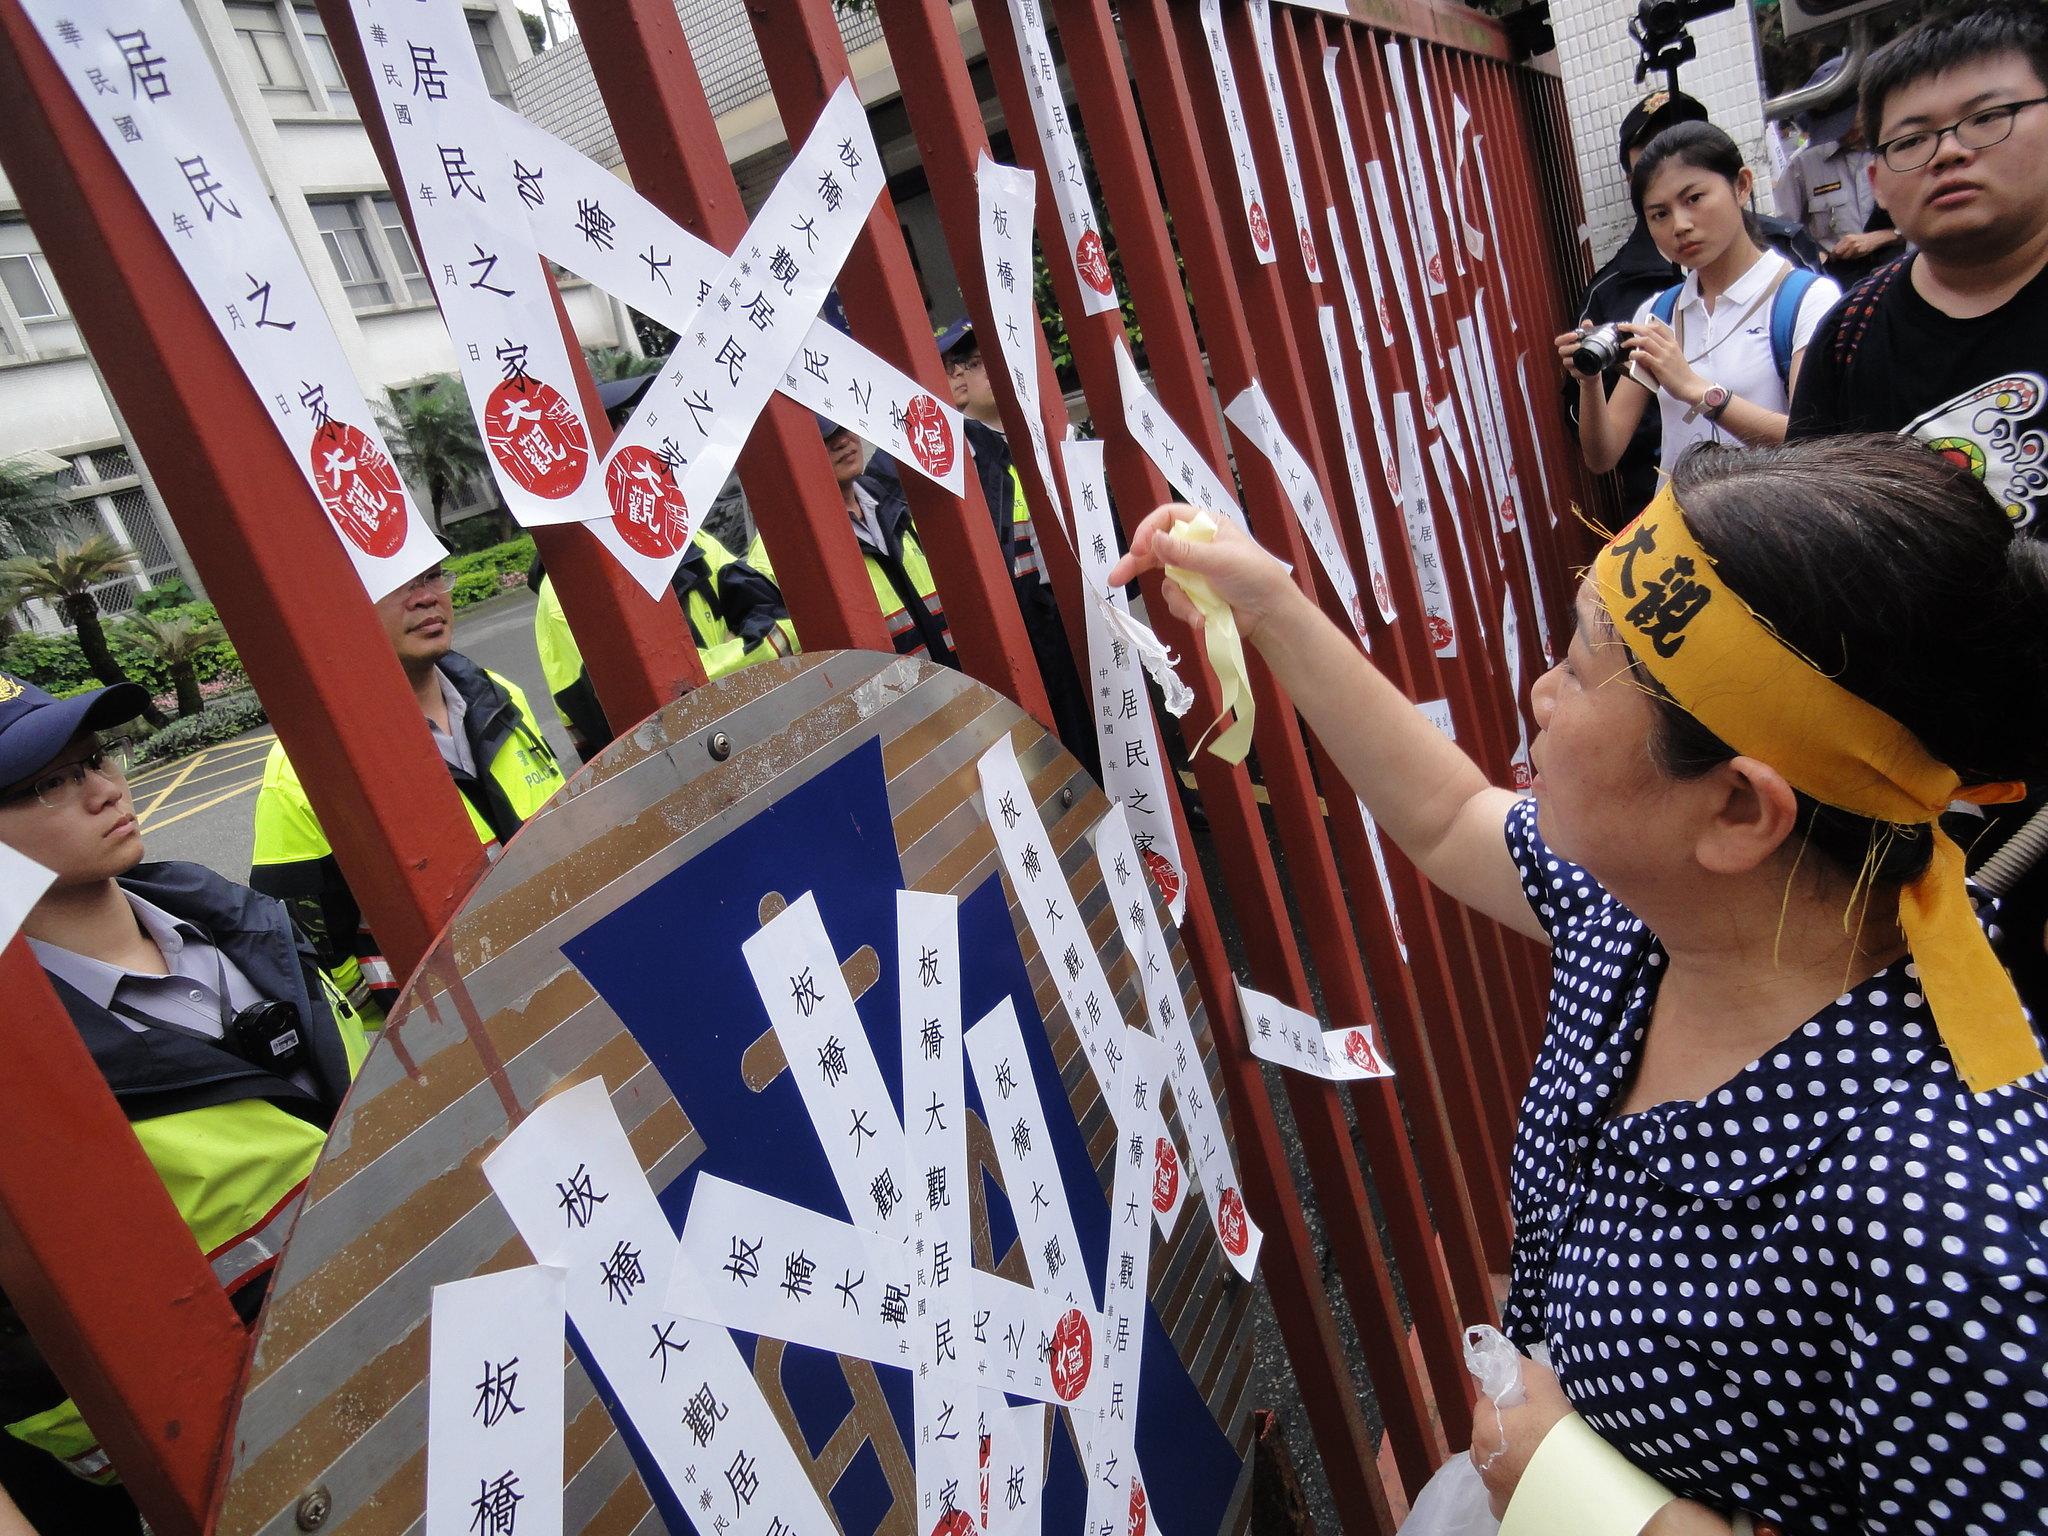 居民在財政部大門前貼上封條以示抗議。(攝影:張智琦)